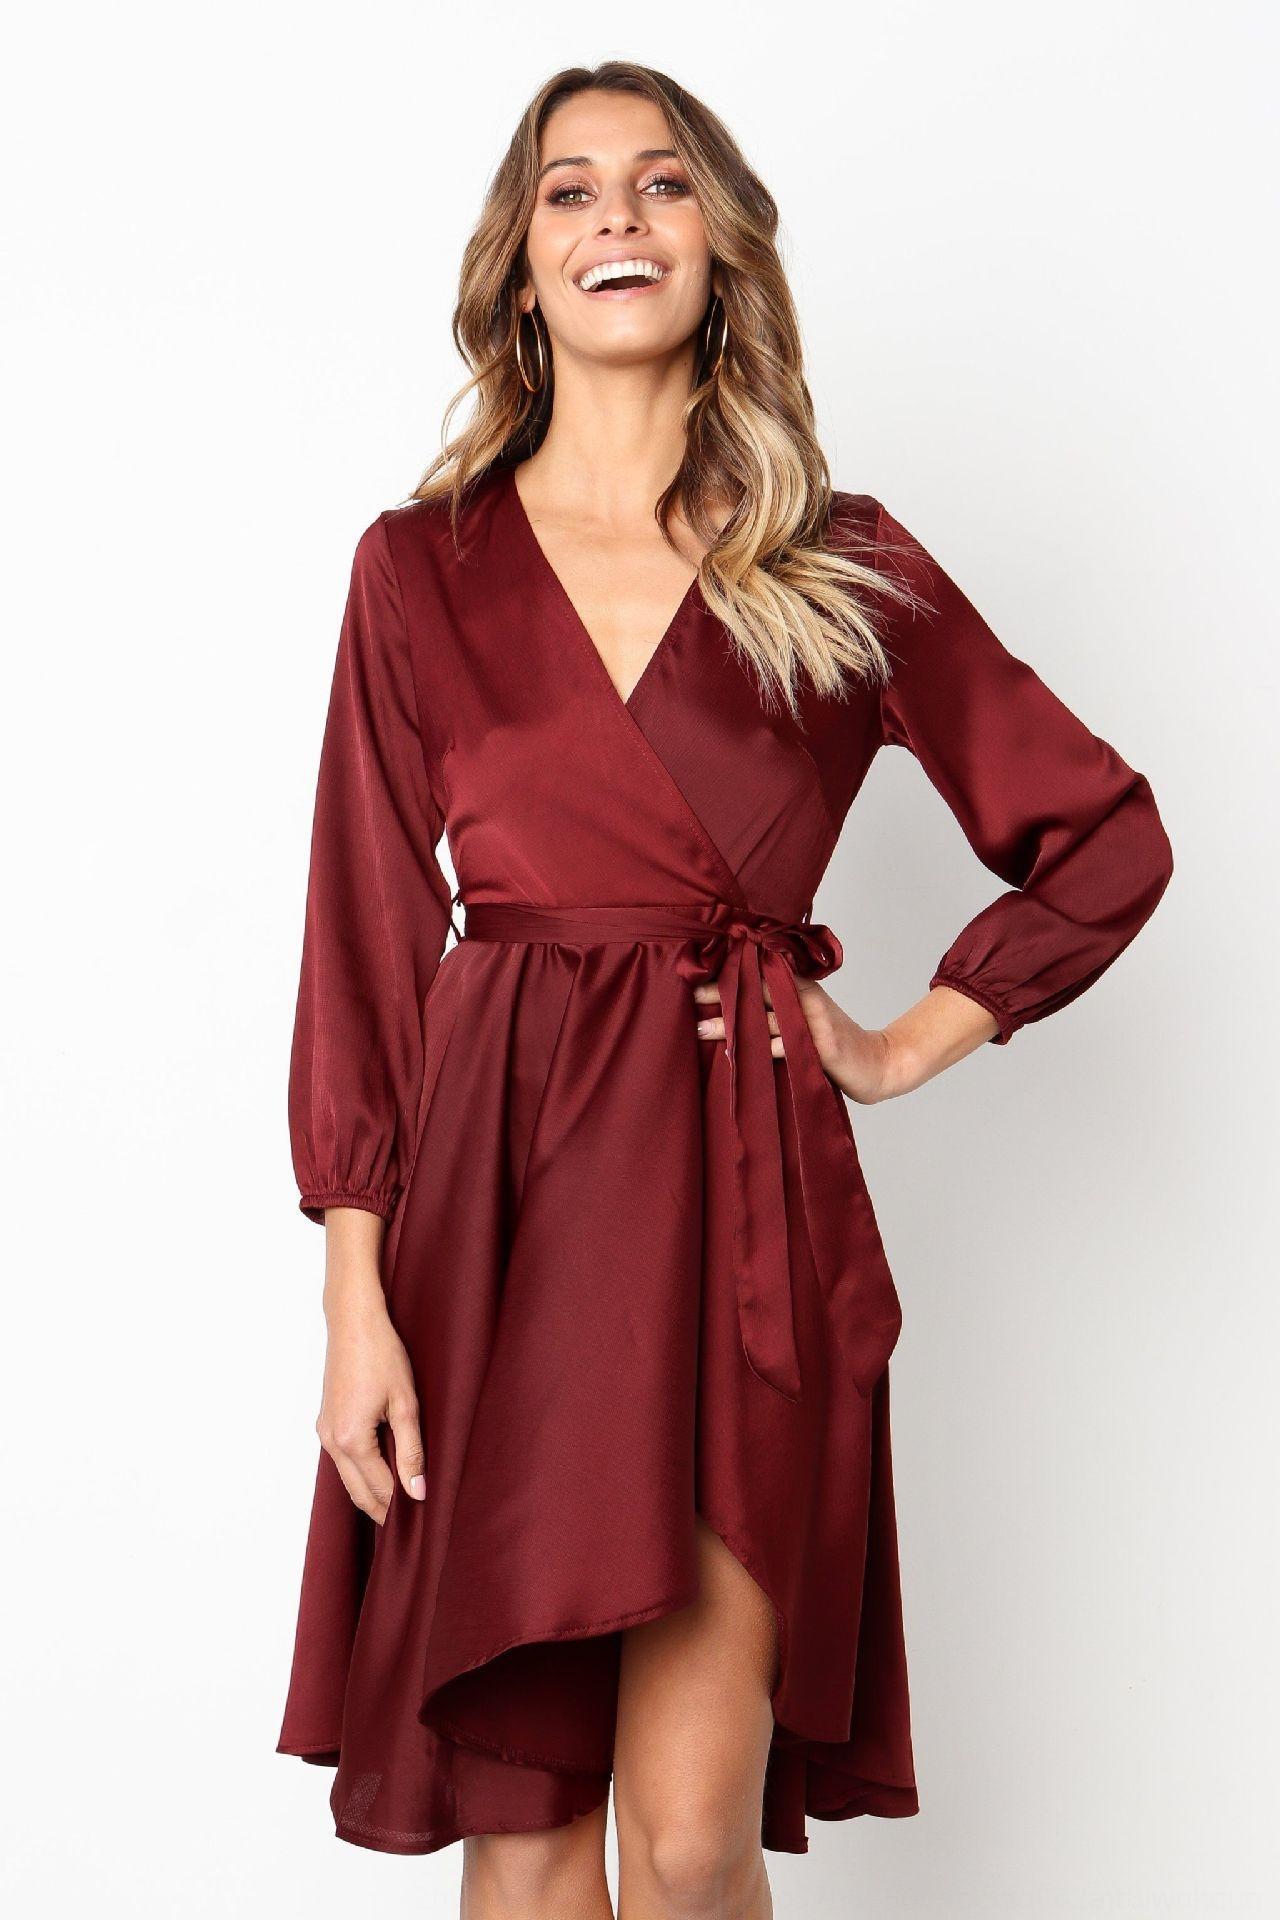 Ahkul automne et automne nouvelle robe de version sexy des femmes d'hiver et robe sexy hiver féminin Nouvelle version